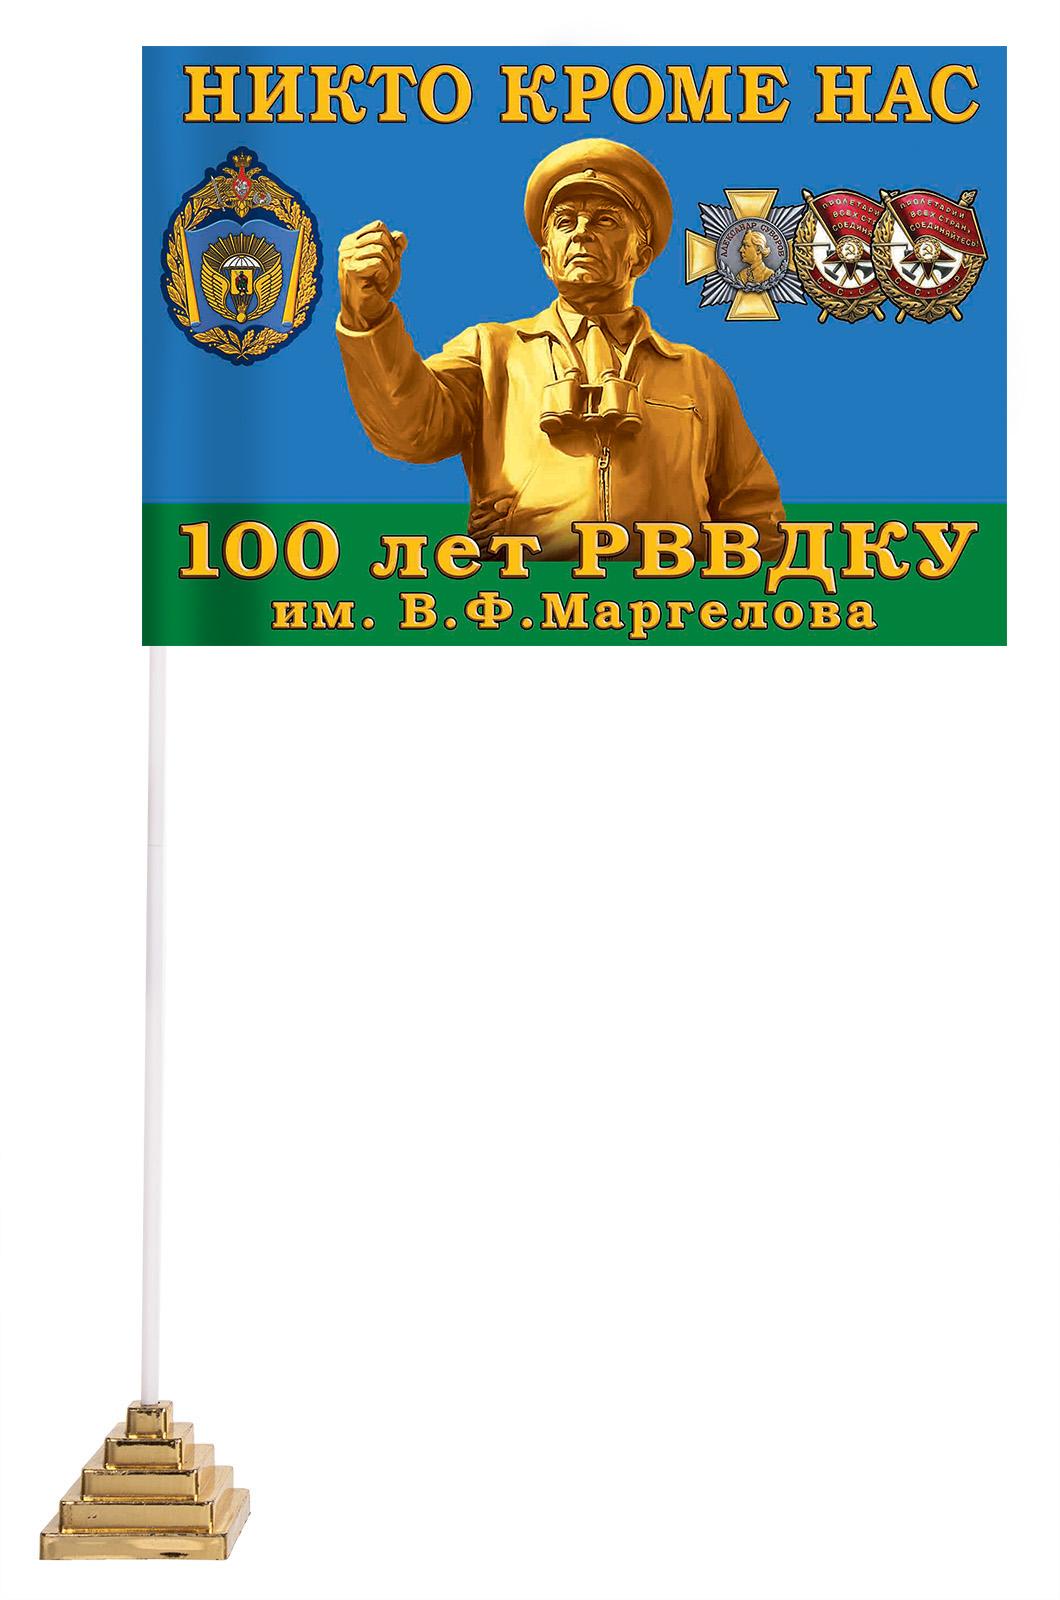 Настольный флажок к юбилею РВВДКУ им В.Ф. Маргелова